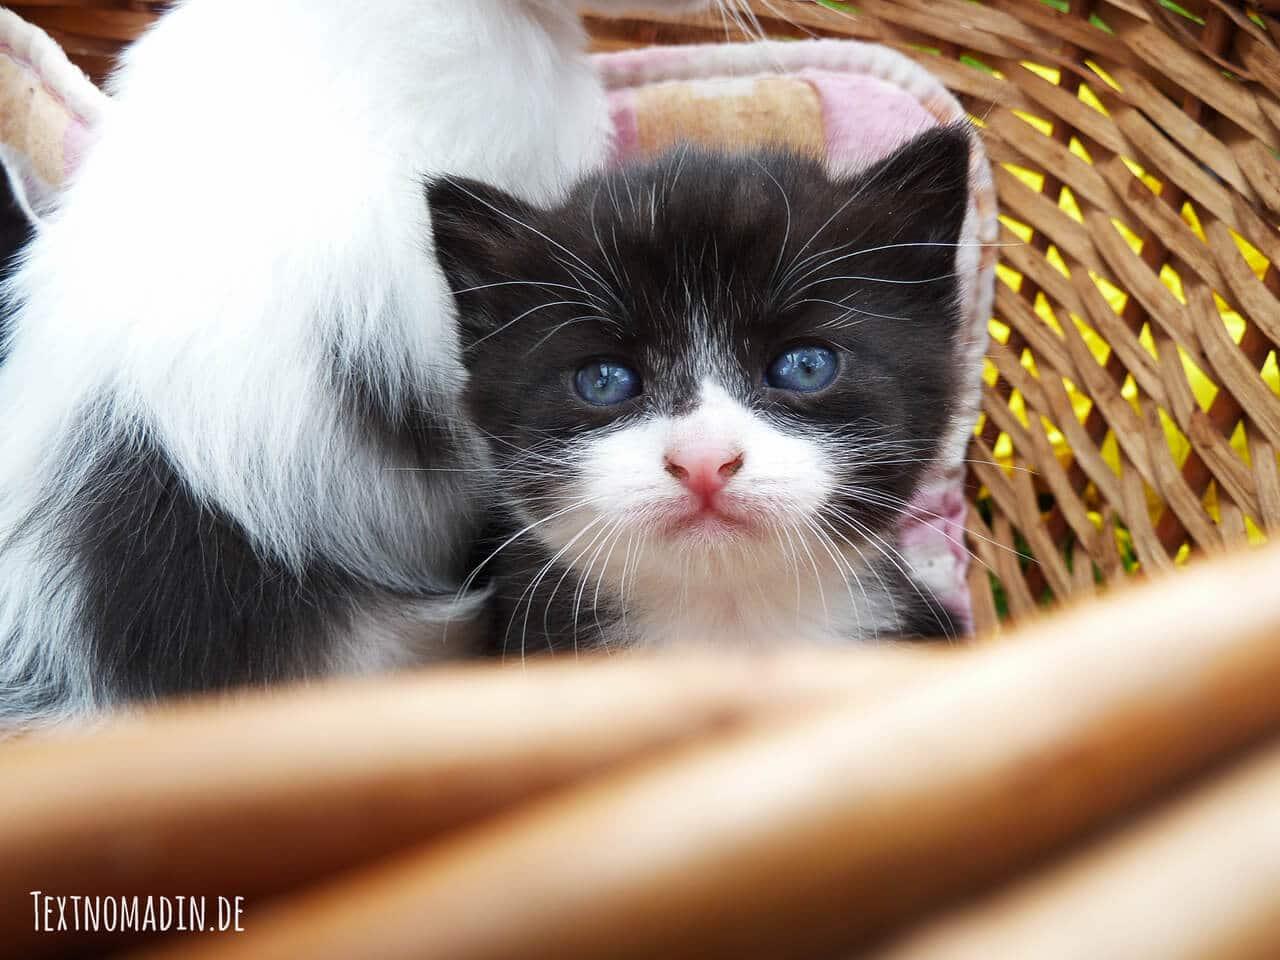 Durchfall gefährlich für junge Katzen